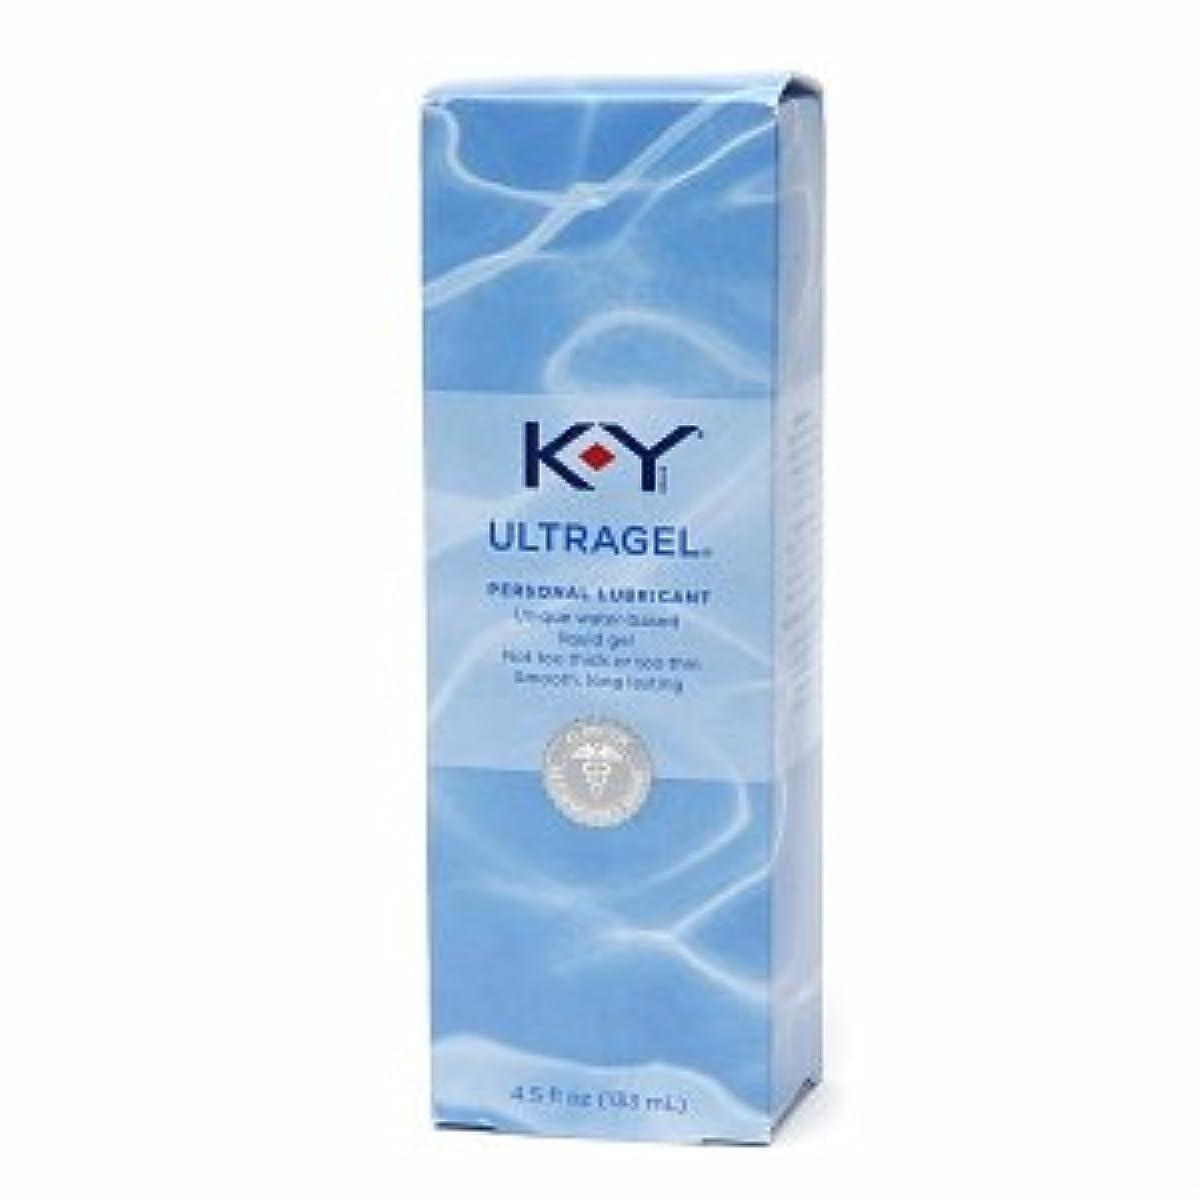 大使充電ローブ074 不感症で濡れにくい方へ【高級潤滑剤 KYゼリー】 水溶性の潤滑ジェル42g 海外直送品